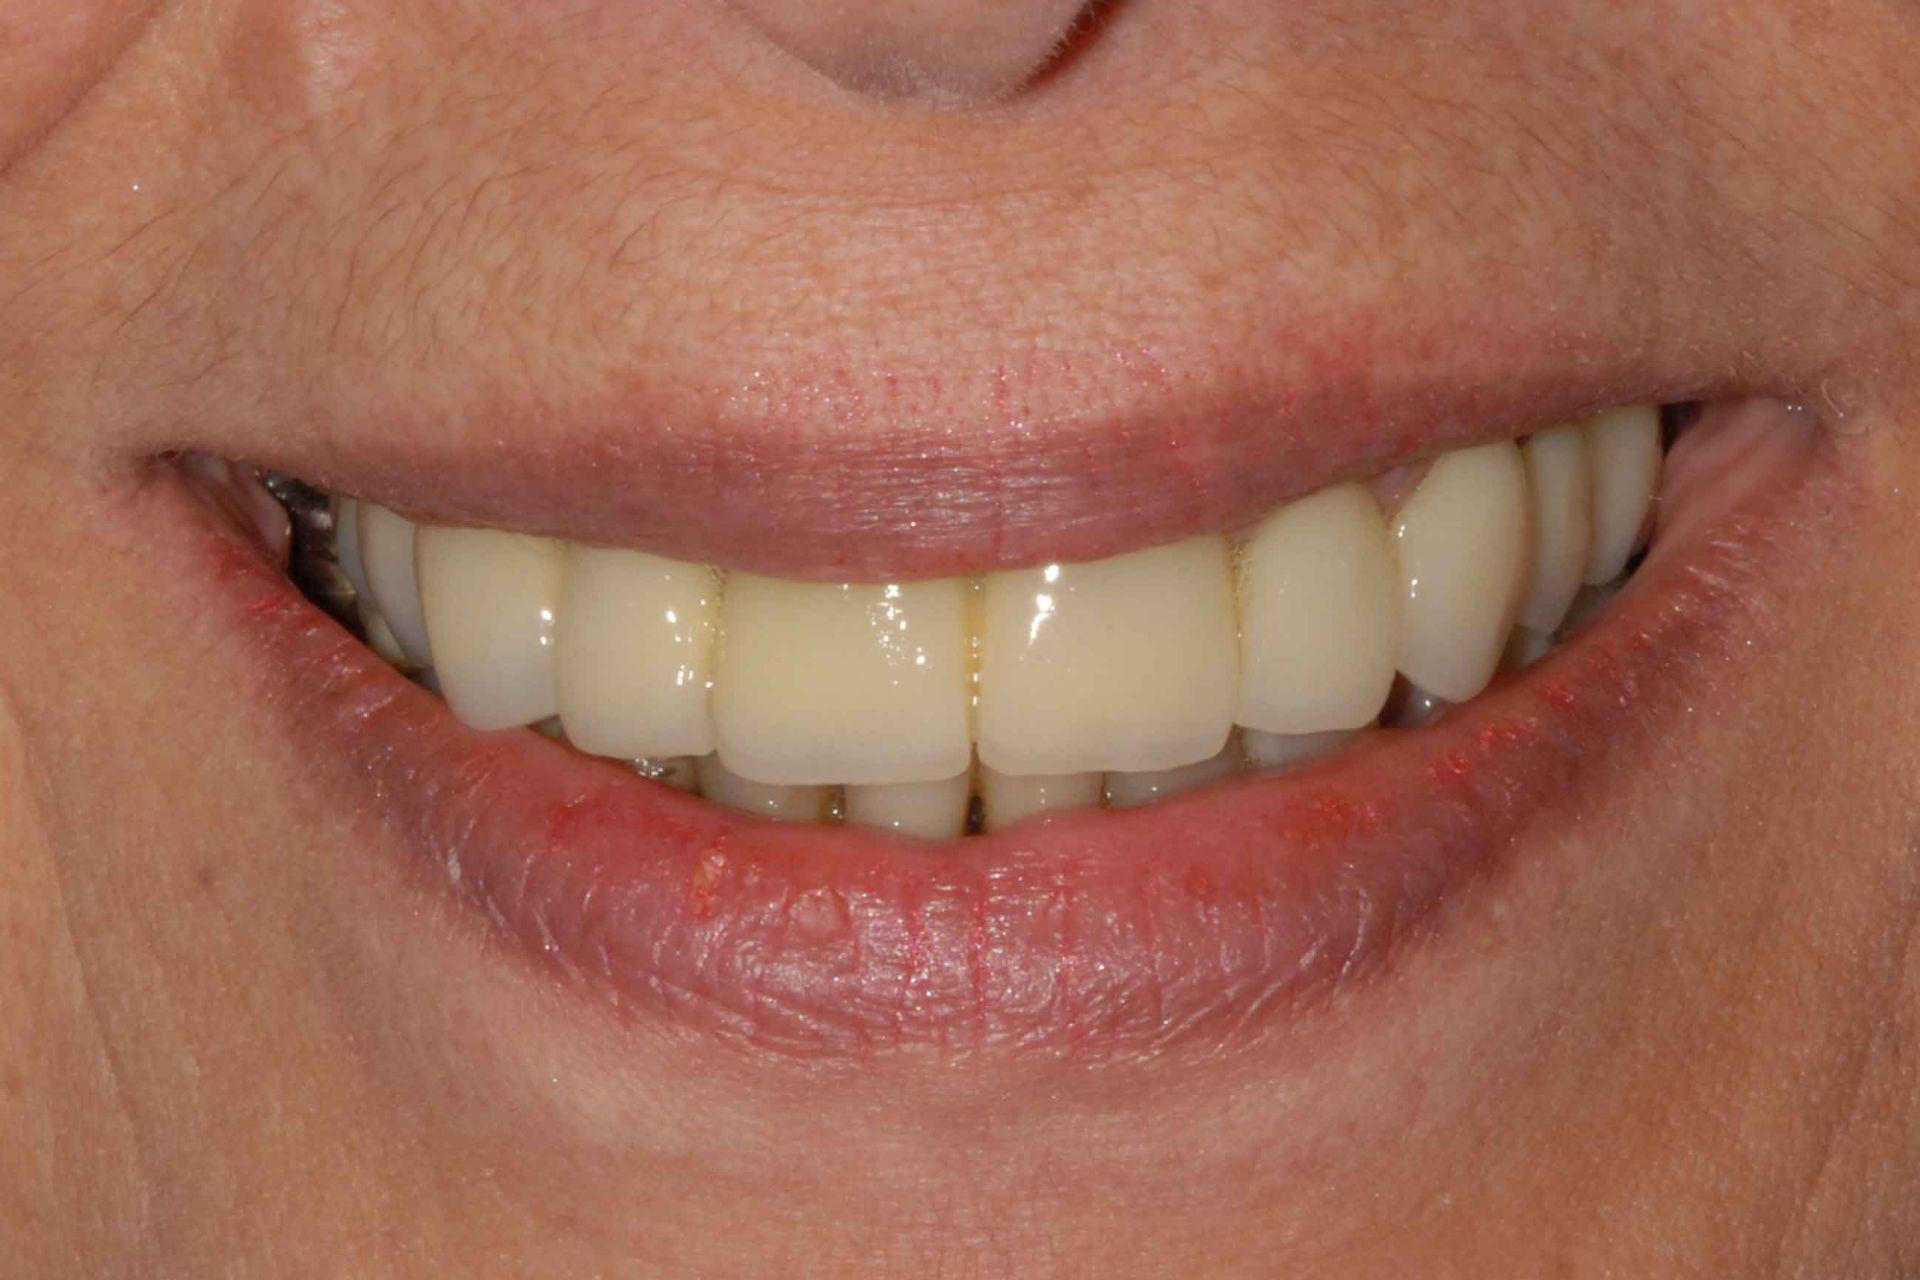 Malattia autoimmune. Il sorriso dopo la riabilitazione. Implantologia dentale con protocollo OnlyOne®.